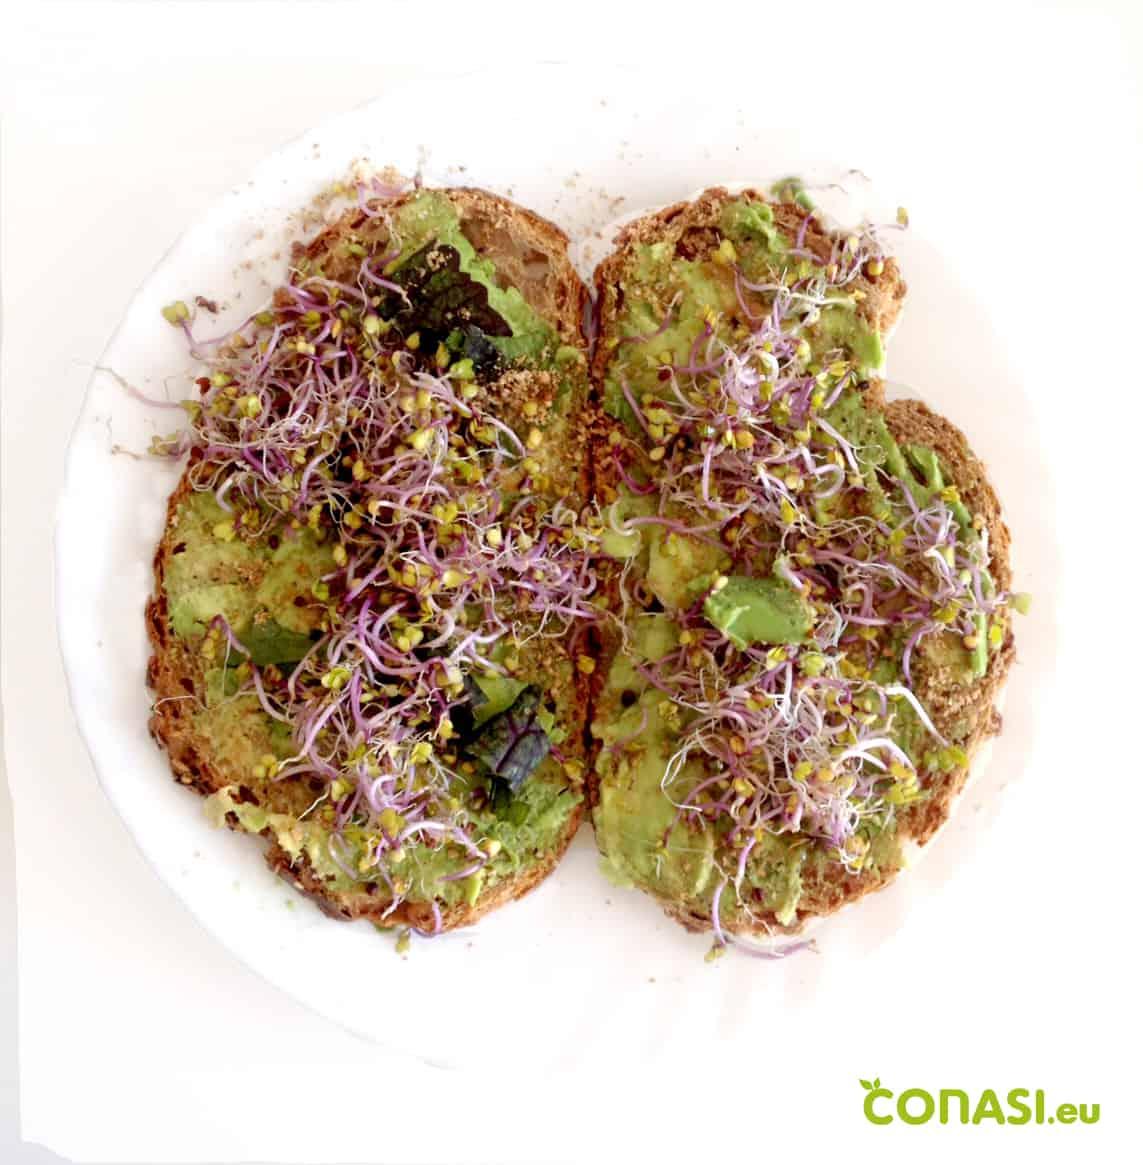 Desayuno SEN: Tostadas con aguacate y germinados